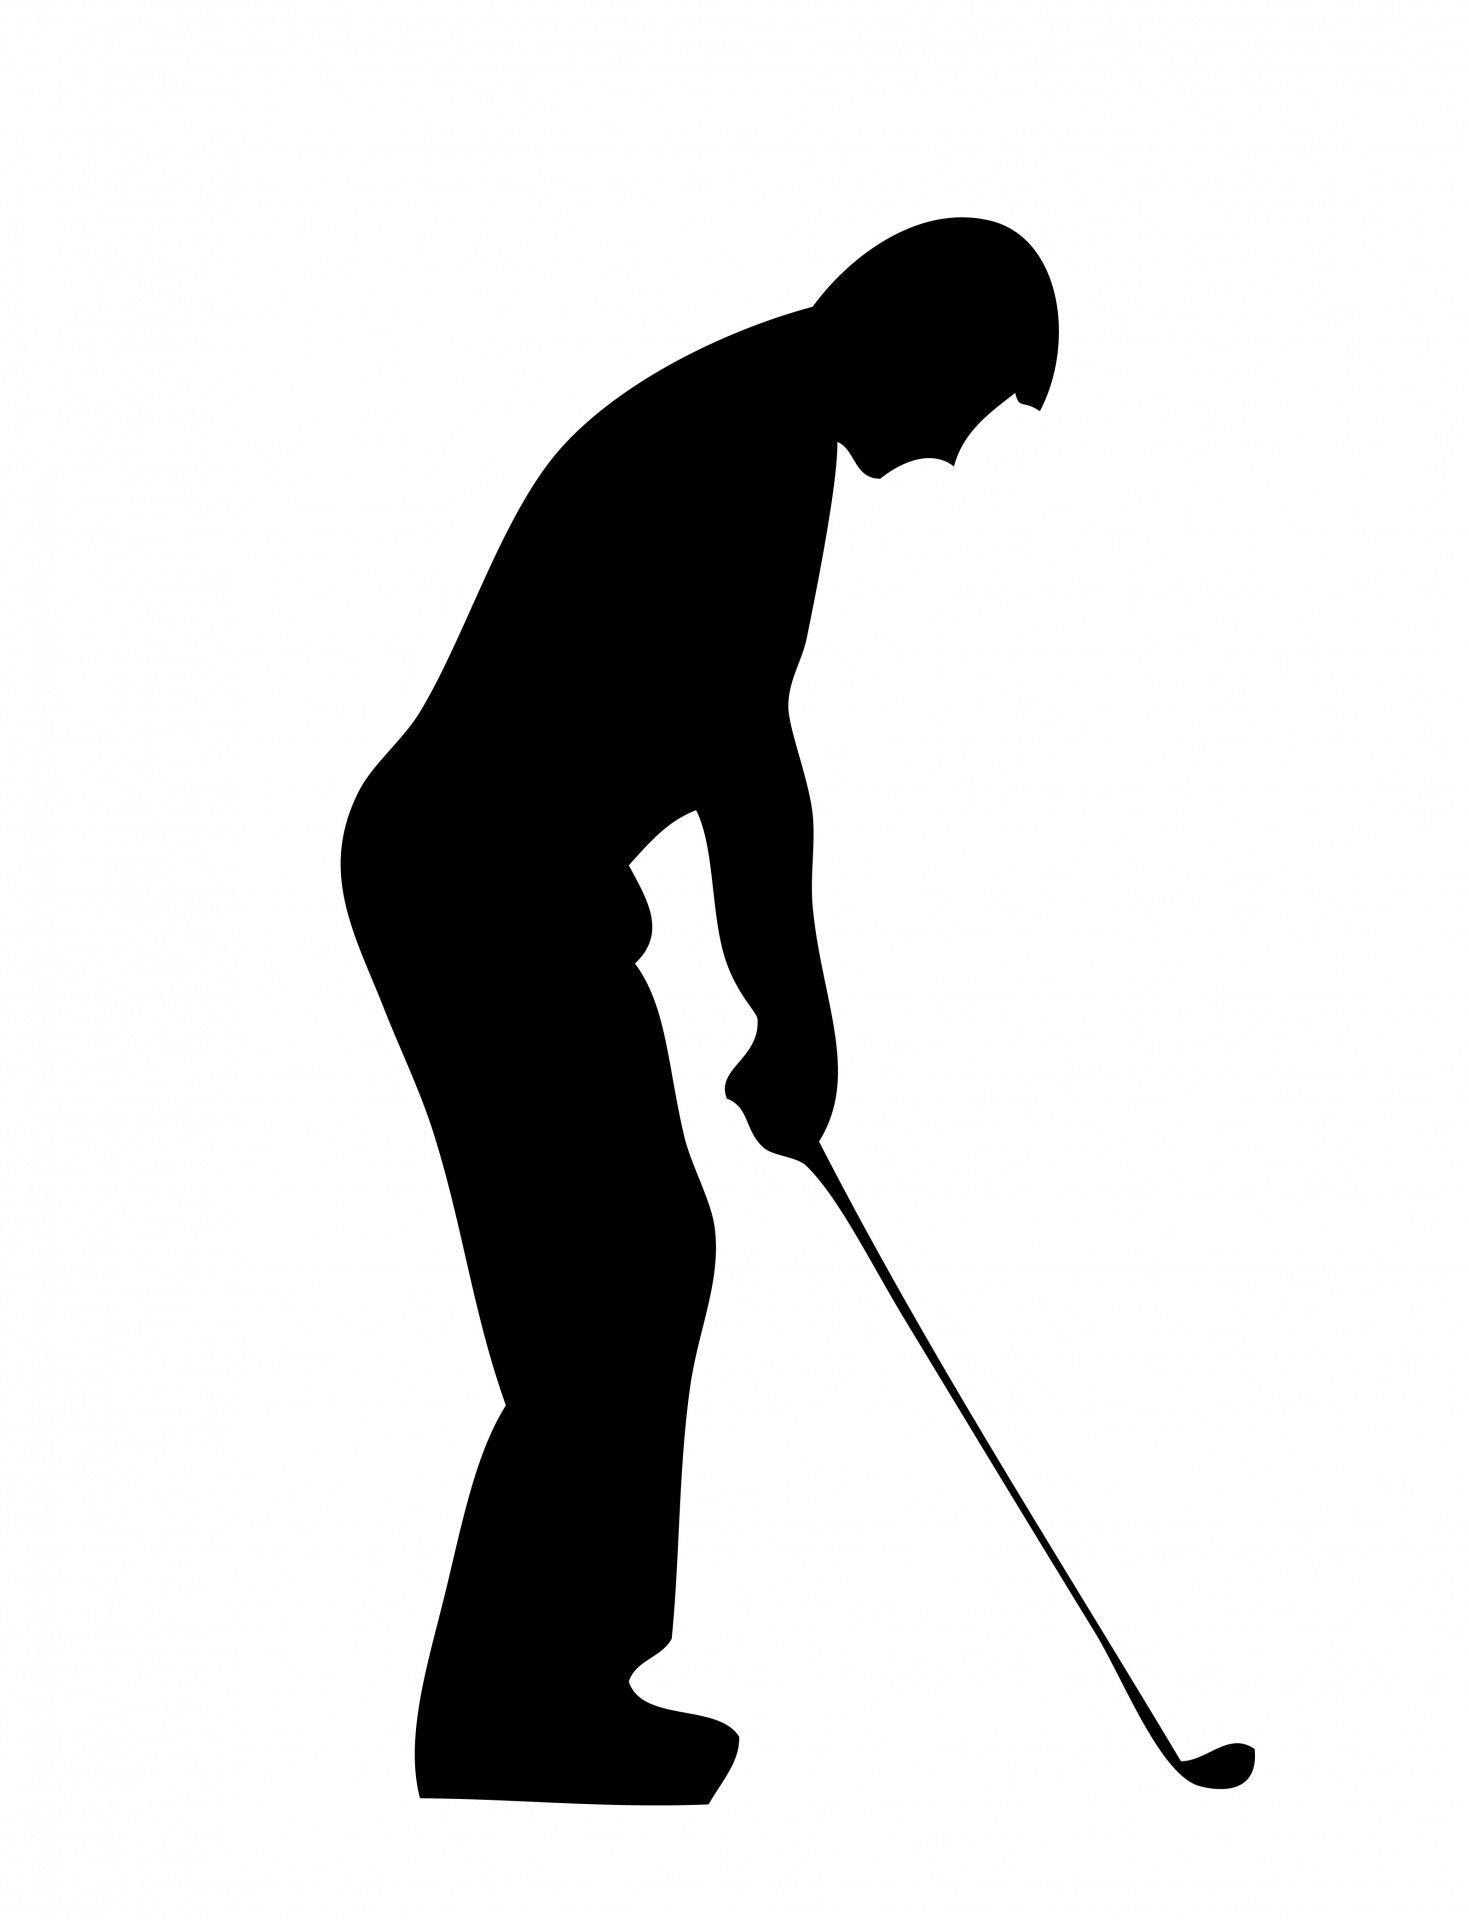 1469x1920 Golf Player Silhouette Clipart Cricut Explore Air